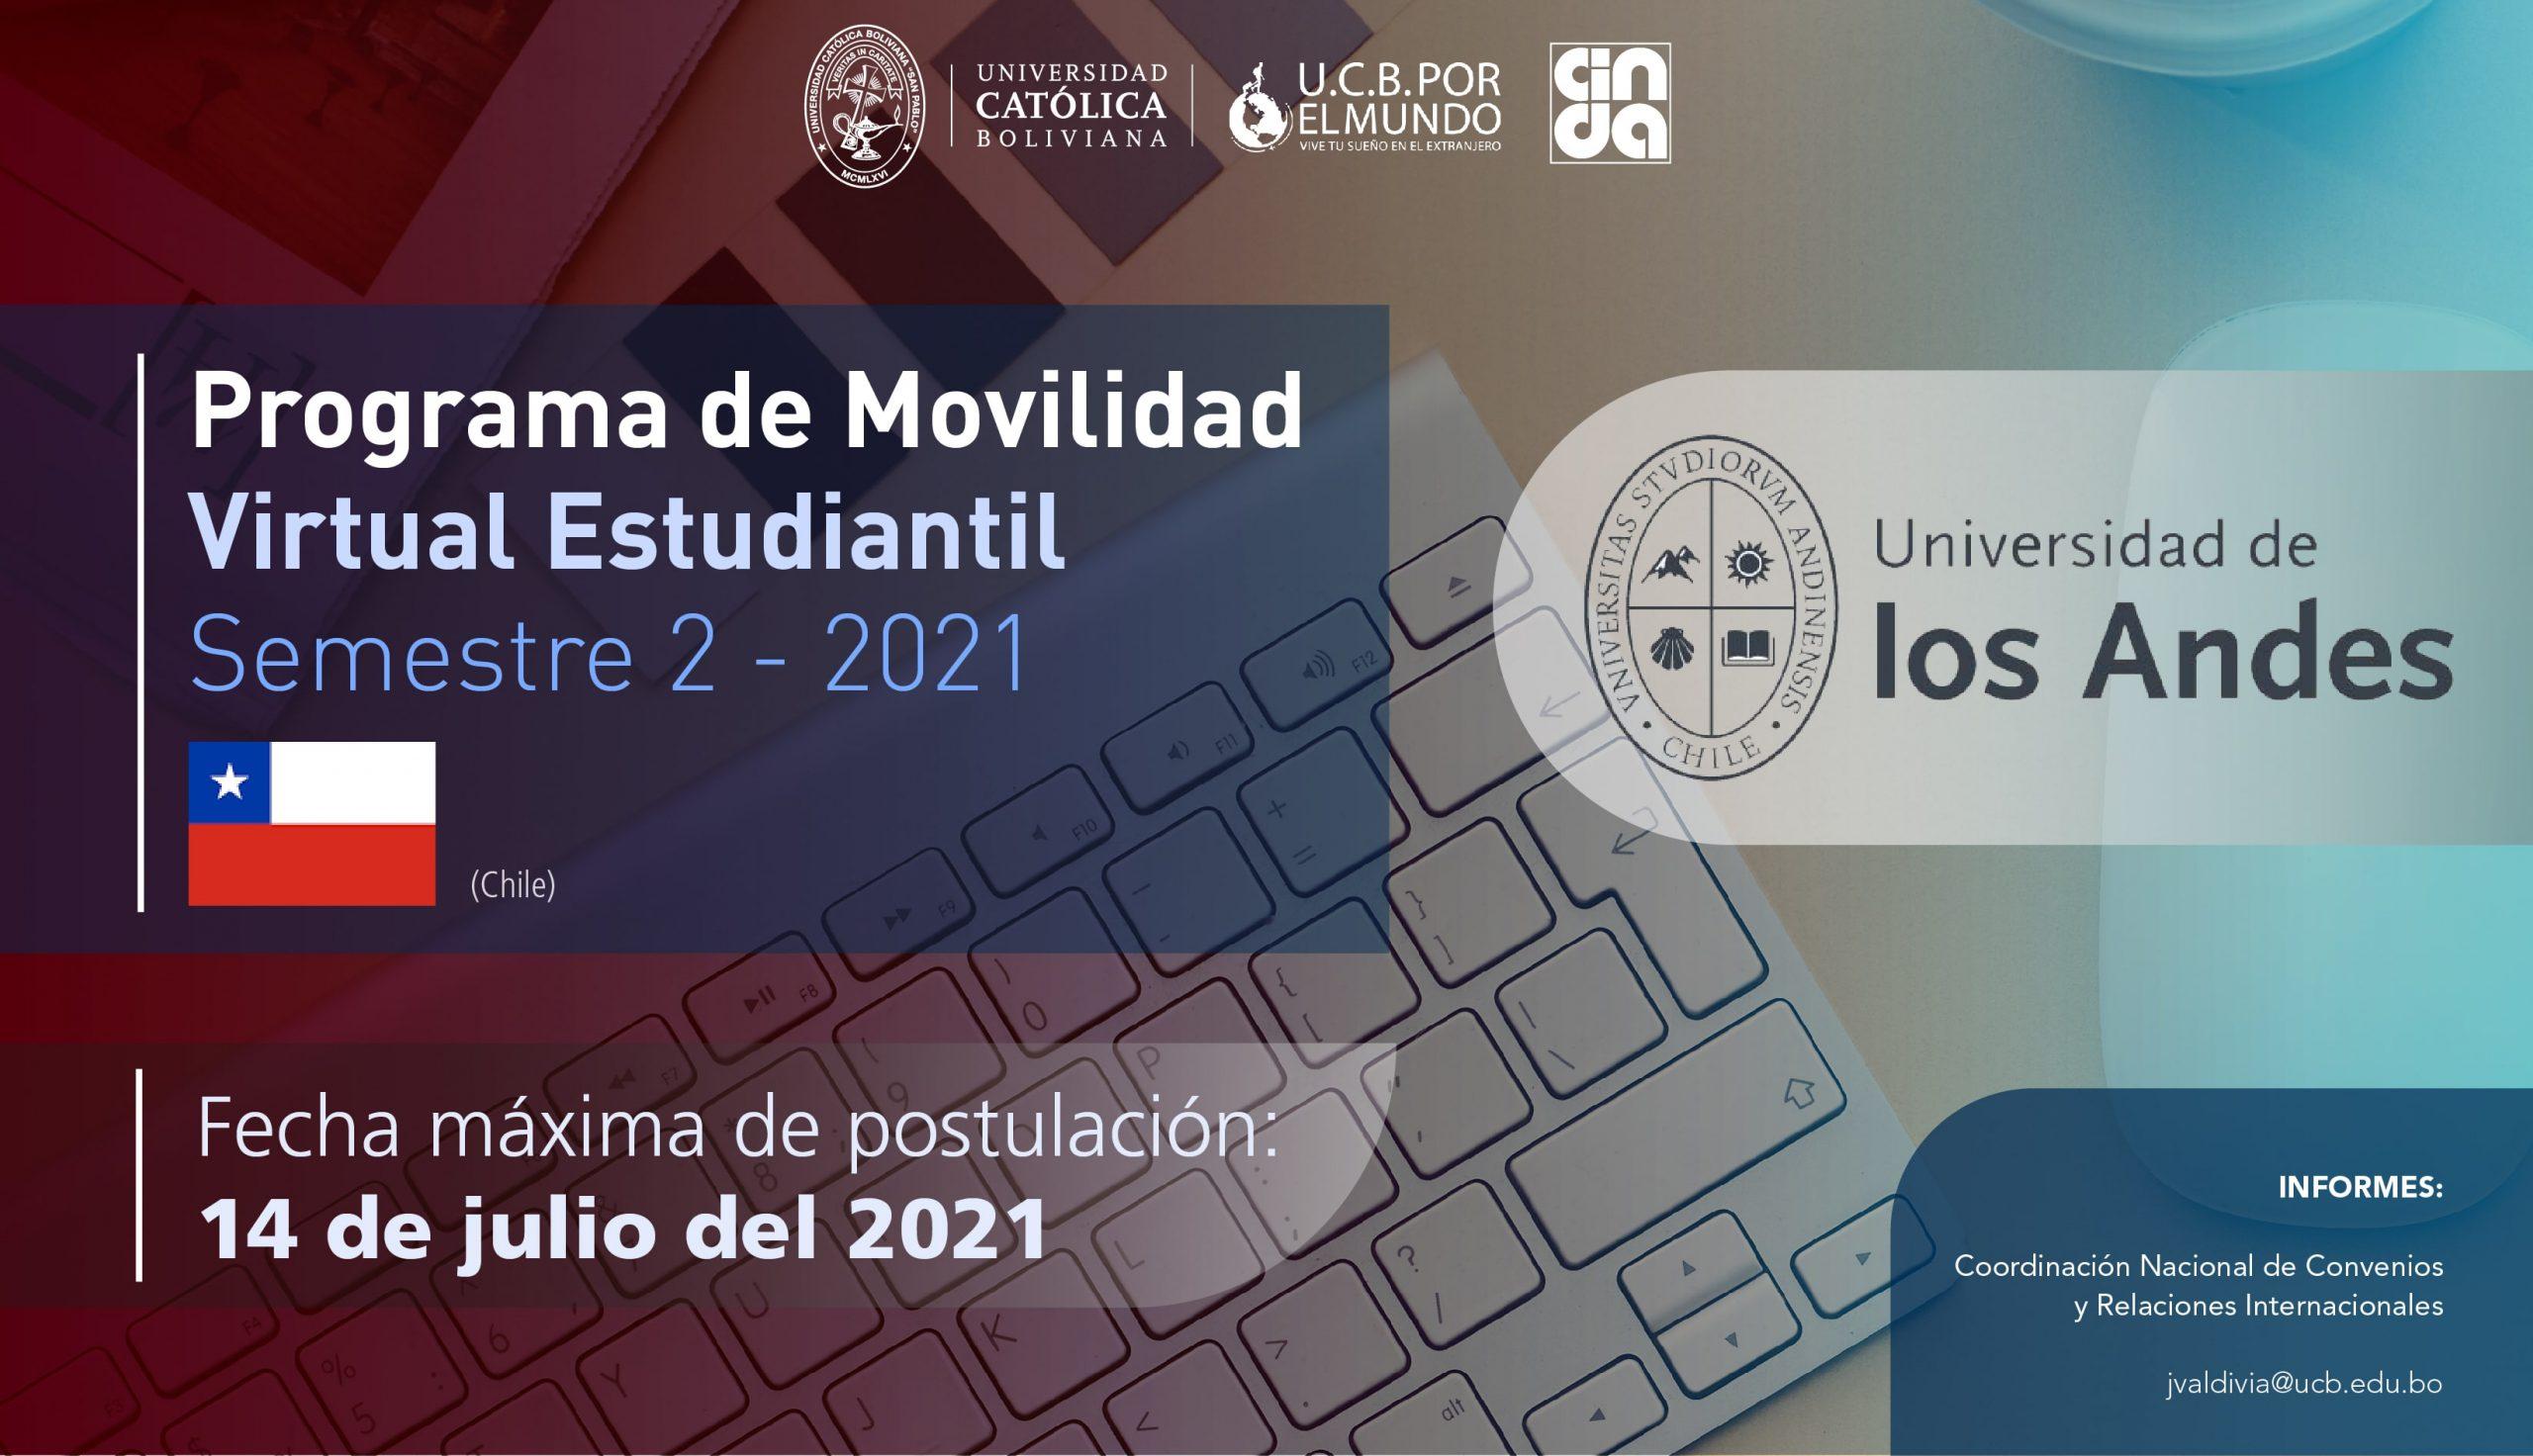 La Universidad de Los Andes de Chile es parte del Programa de Movilidad Virtual Estudiantil UCB por el Mundo.